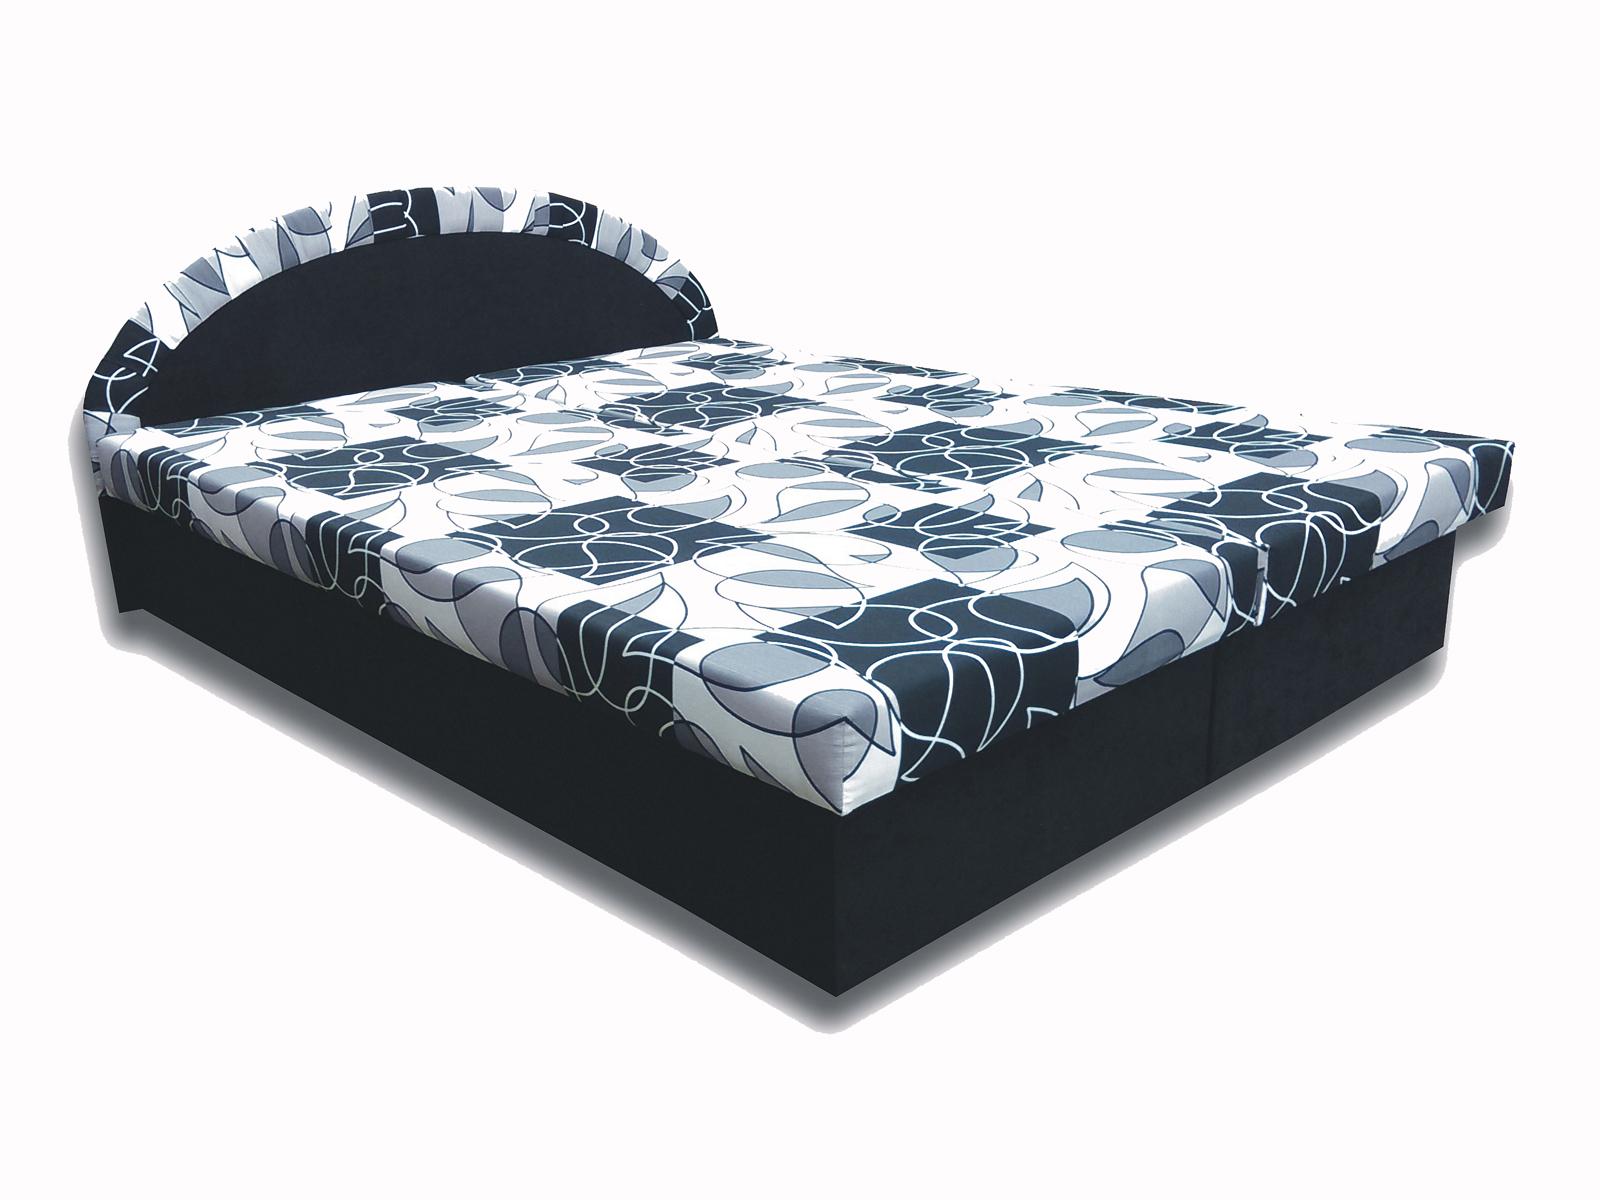 Manželská posteľ 160 cm - Famm - Elena (čierna) (s matracom). Akcia -18%. Sme autorizovaný predajca Famm. Vlastná spoľahlivá doprava až k Vám domov.